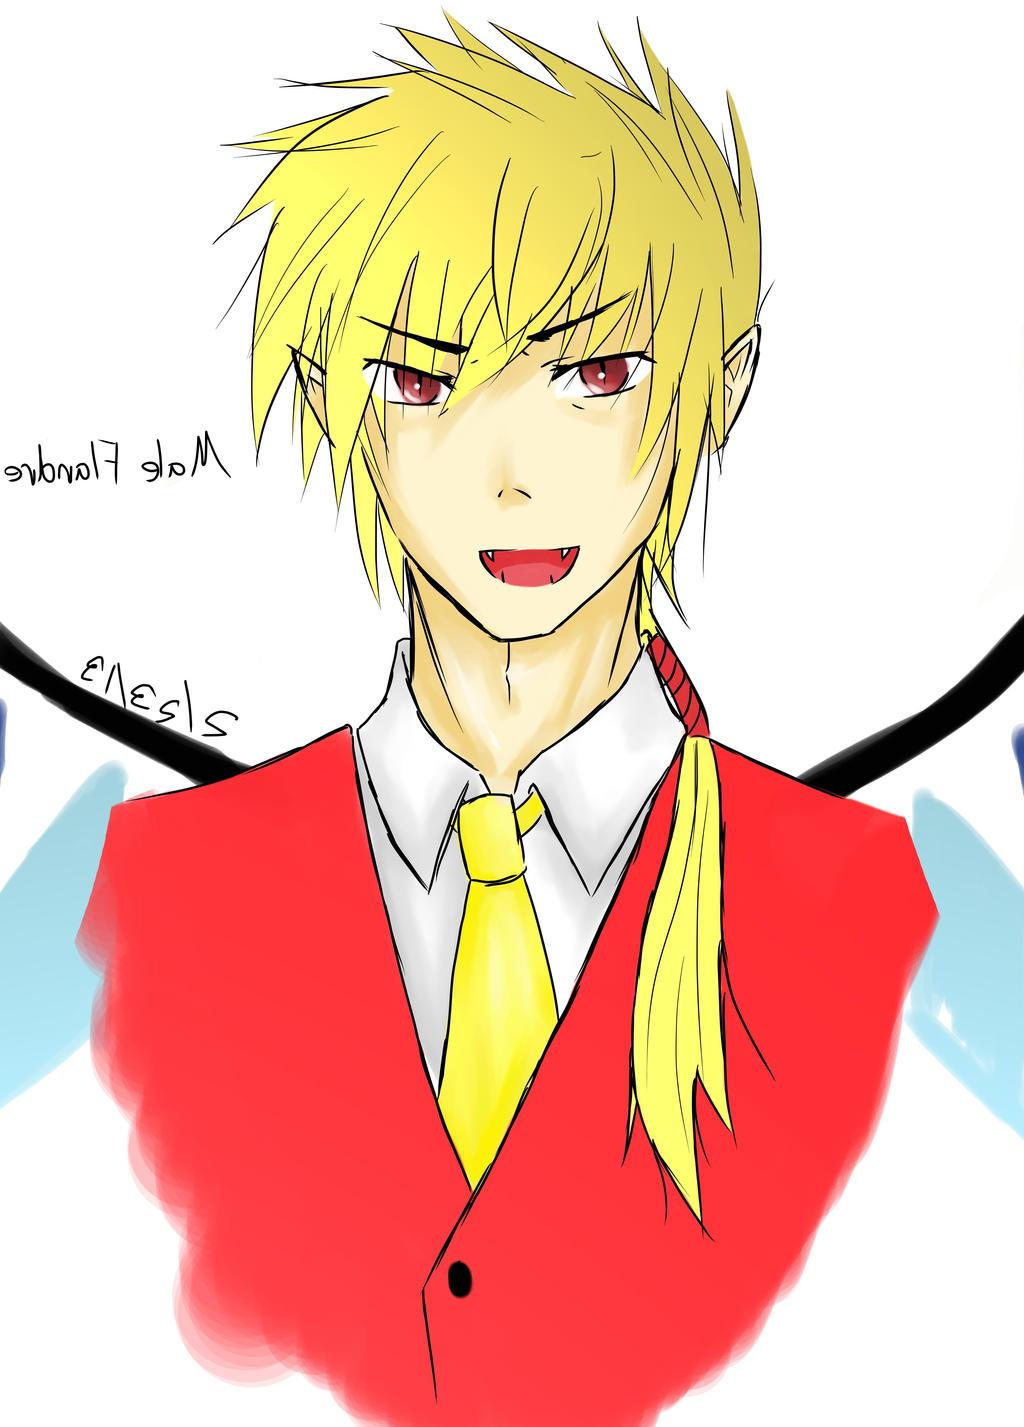 Male Flandre Scarlet Portrait by Kotuea